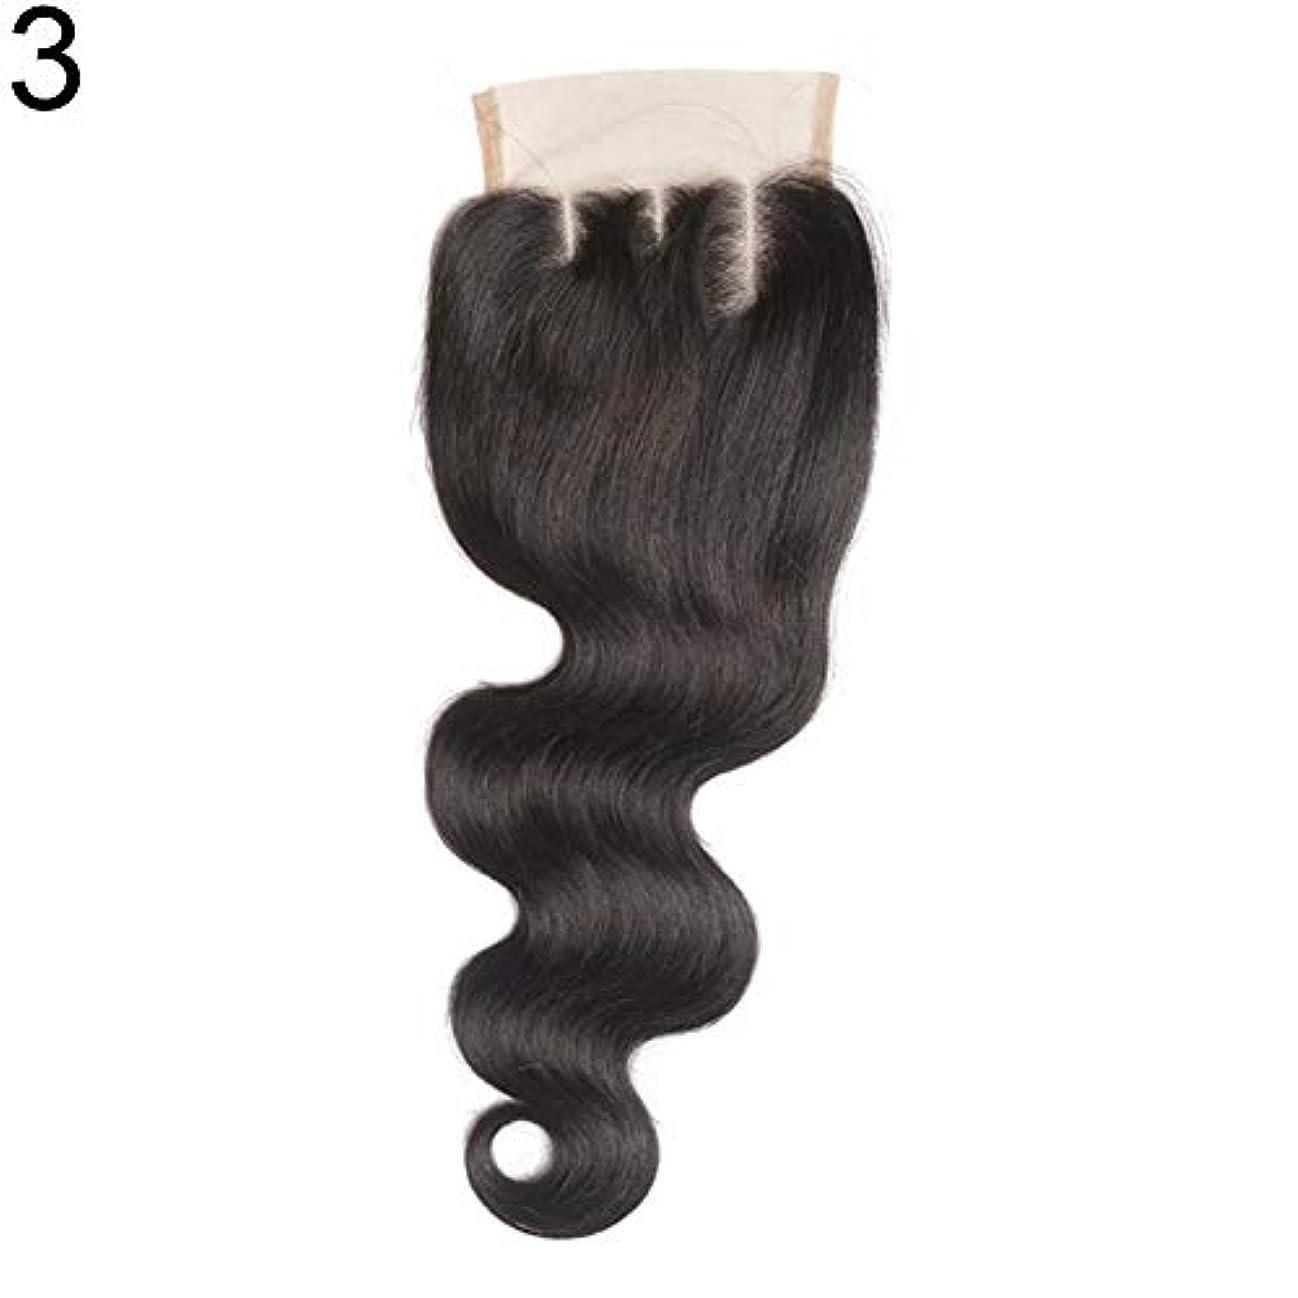 取り除く芽メジャーslQinjiansav女性ウィッグ修理ツールブラジルのミドル/フリー/3部人間の髪のレース閉鎖ウィッグ黒ヘアピース